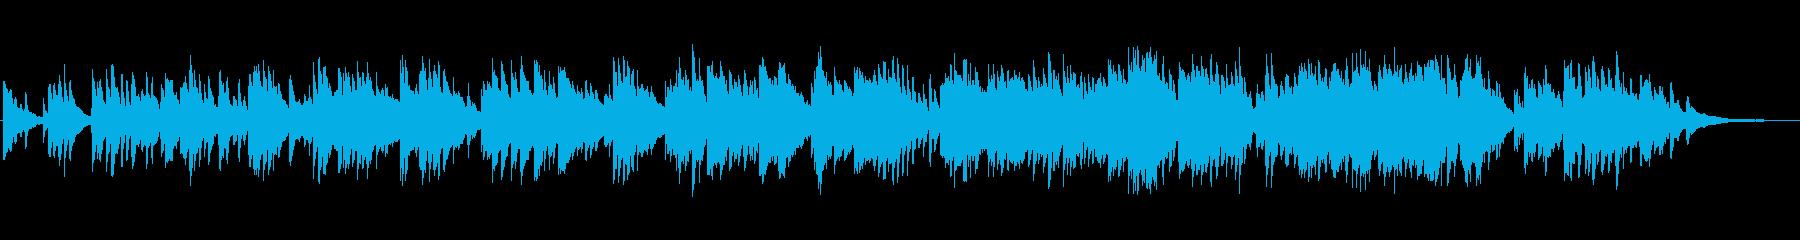 優しい絵本のBGMのようなピアノソロの再生済みの波形